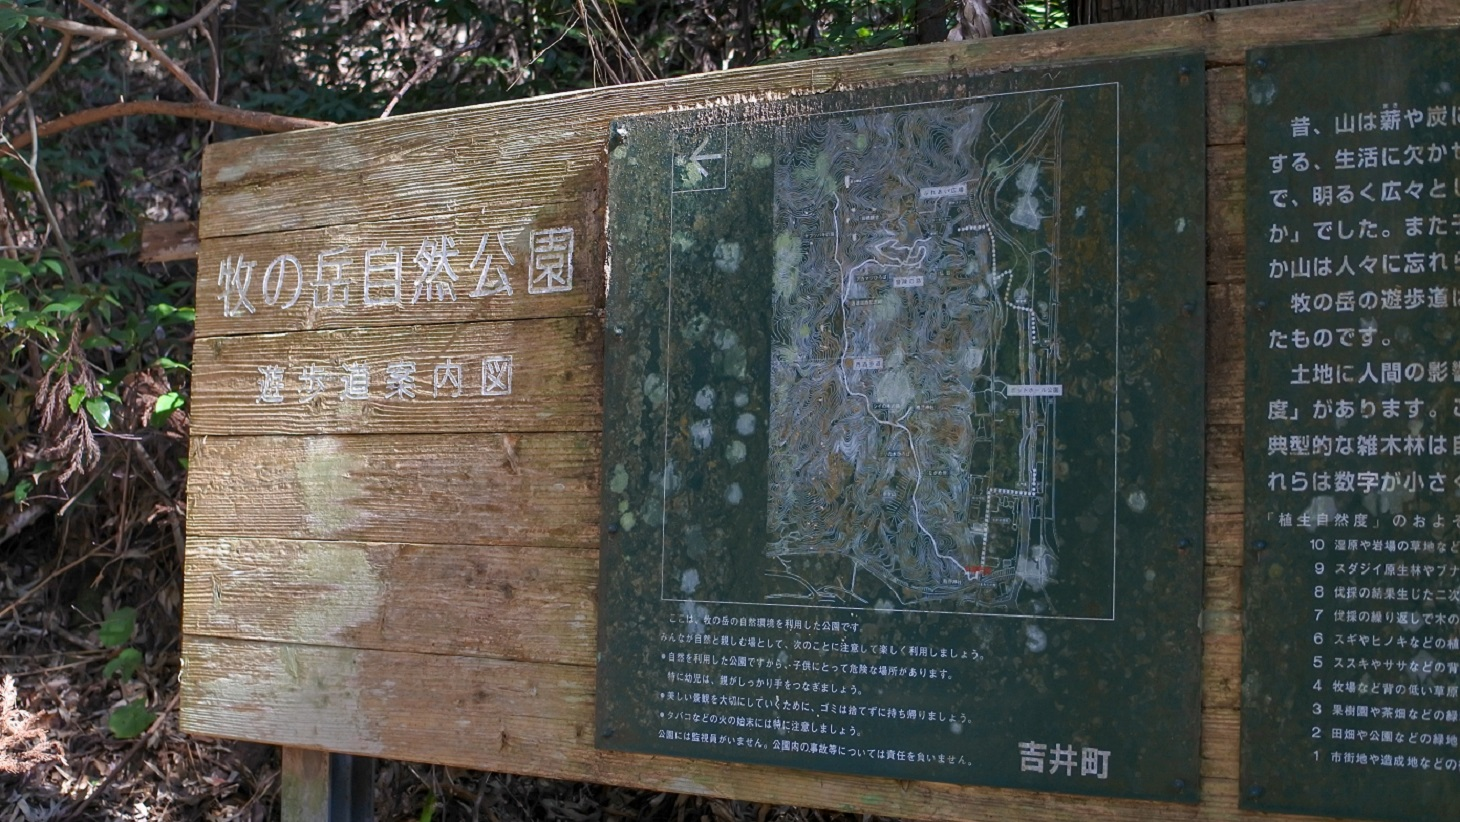 牧ノ岳自然公園地図